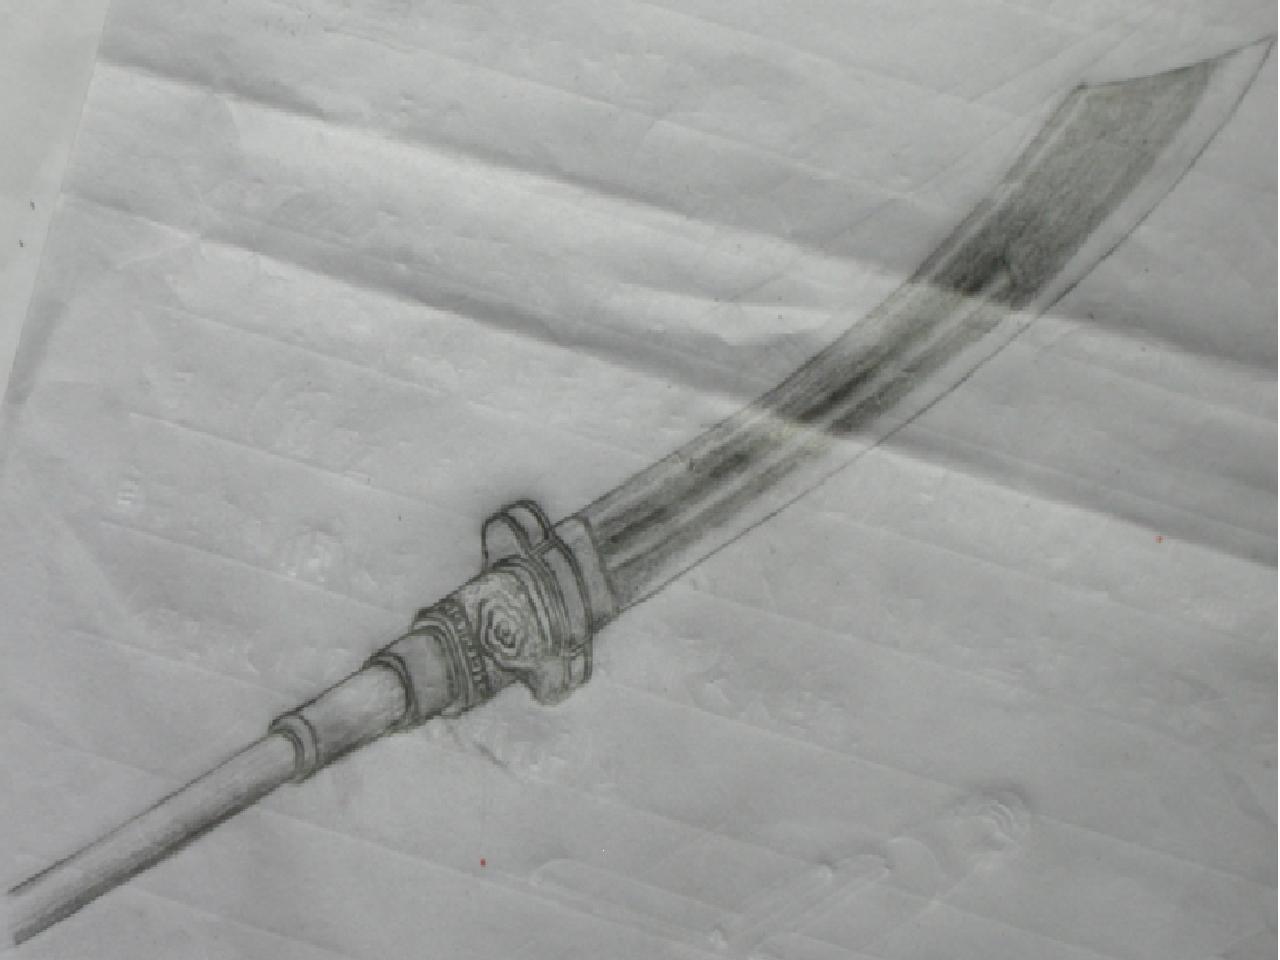 [手绘]手绘几种冷兵器